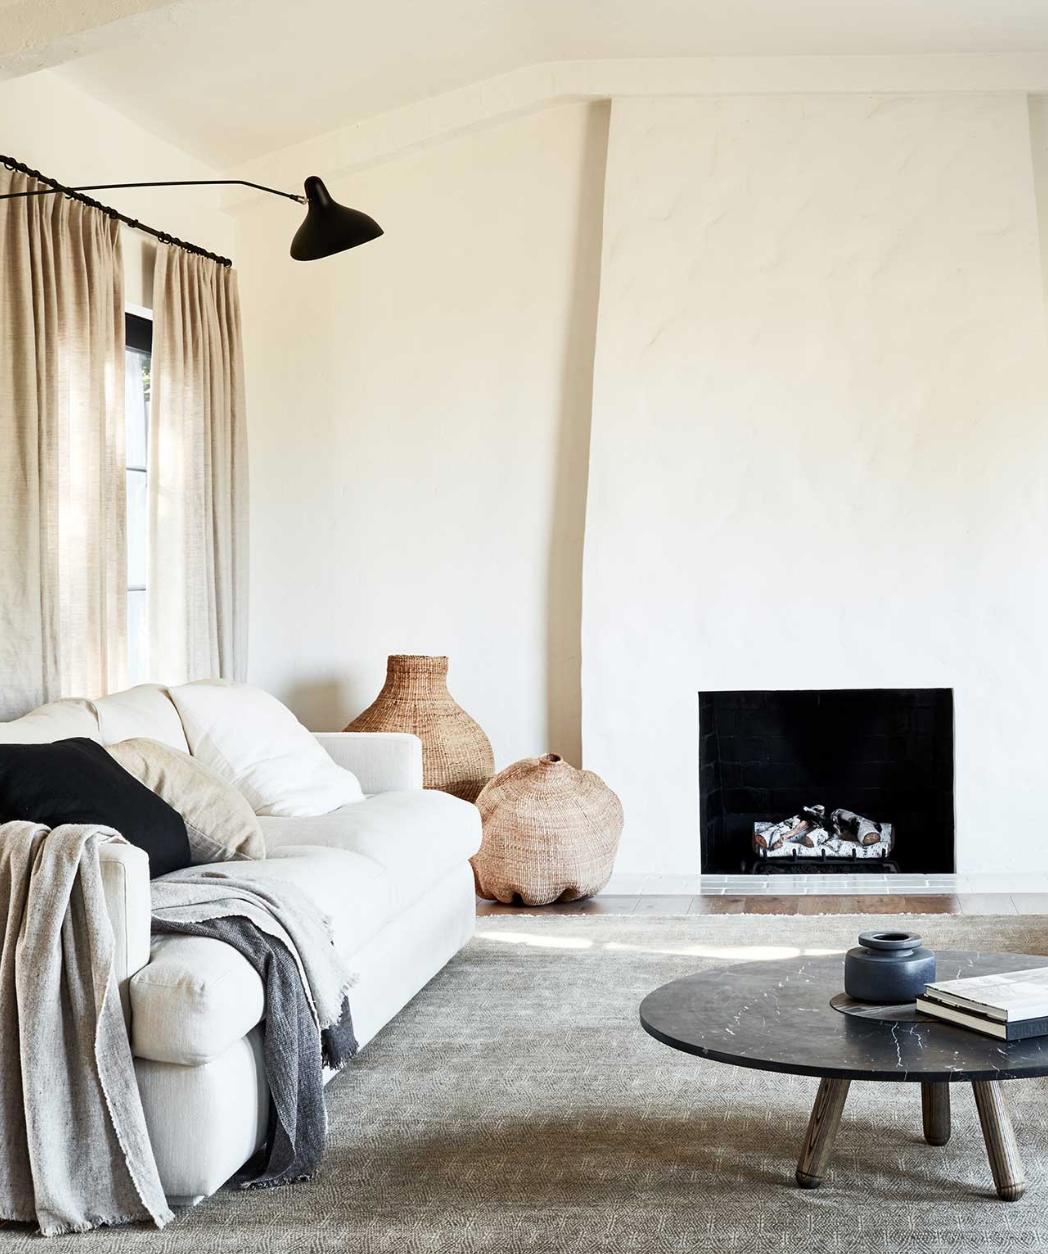 armadillo rugs, aussie interior design